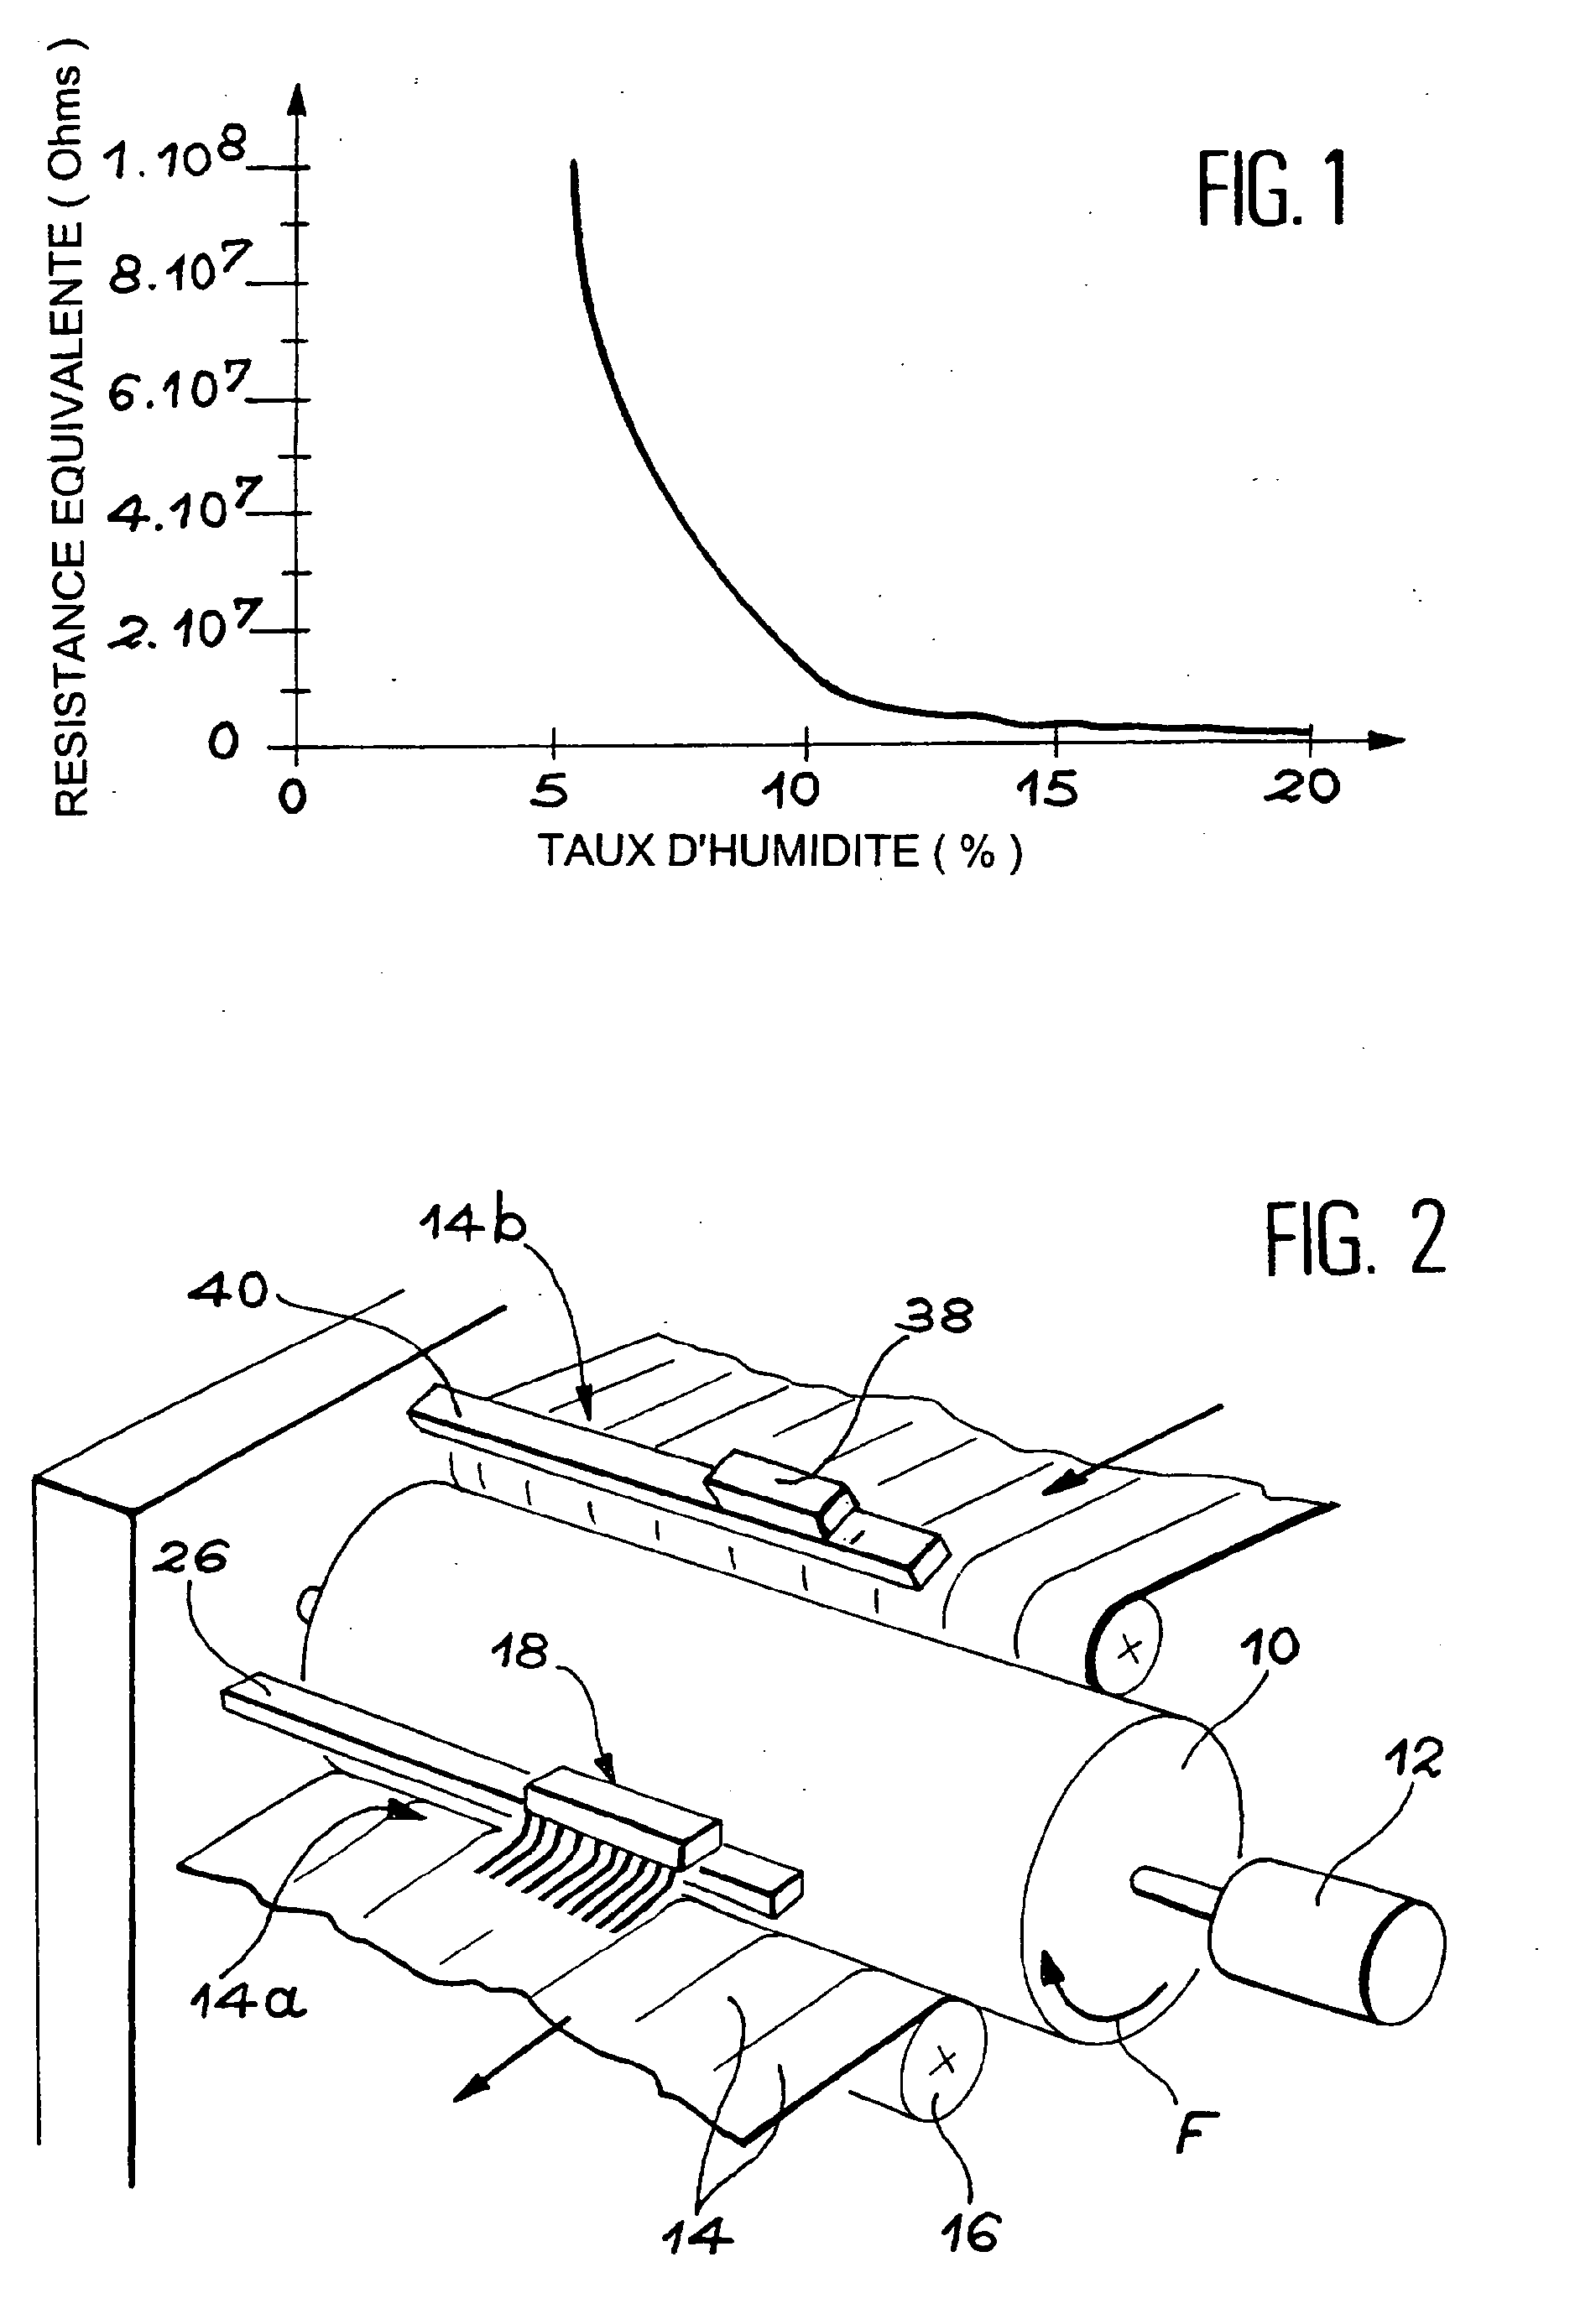 patent ep1306481b1 procede de controle du taux d 39 humidite du linge sortant d 39 une secheuse. Black Bedroom Furniture Sets. Home Design Ideas